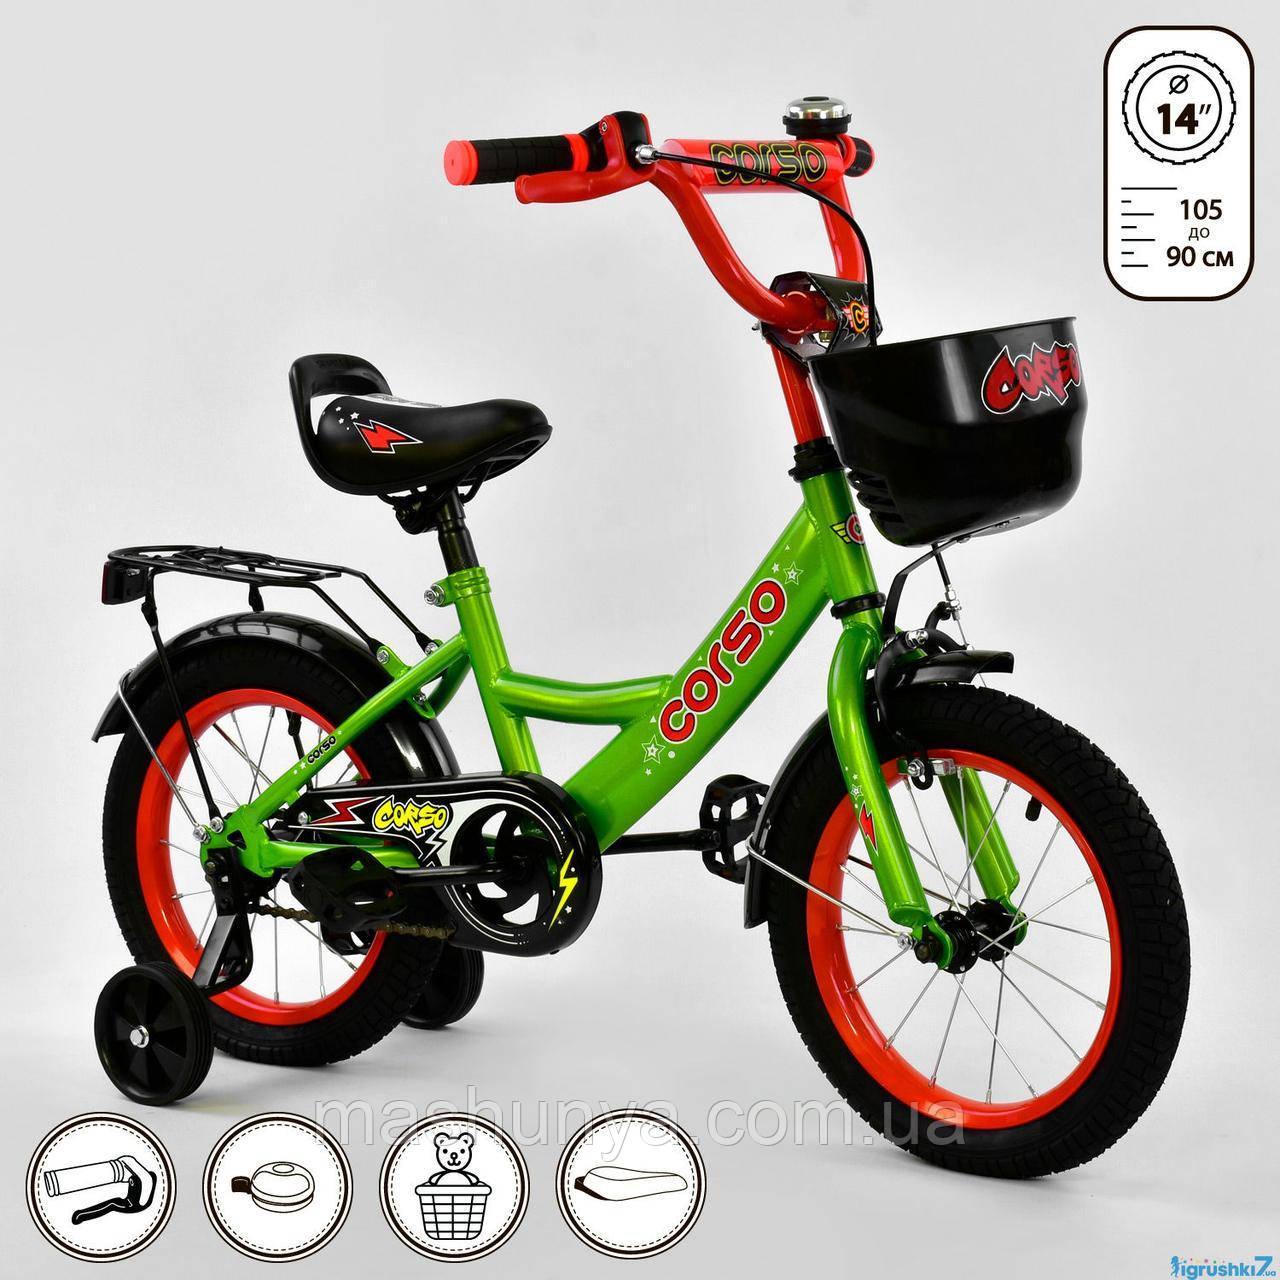 Велосипед двухколесный детский Corso 14 дюймов (3-5 лет) Доставка